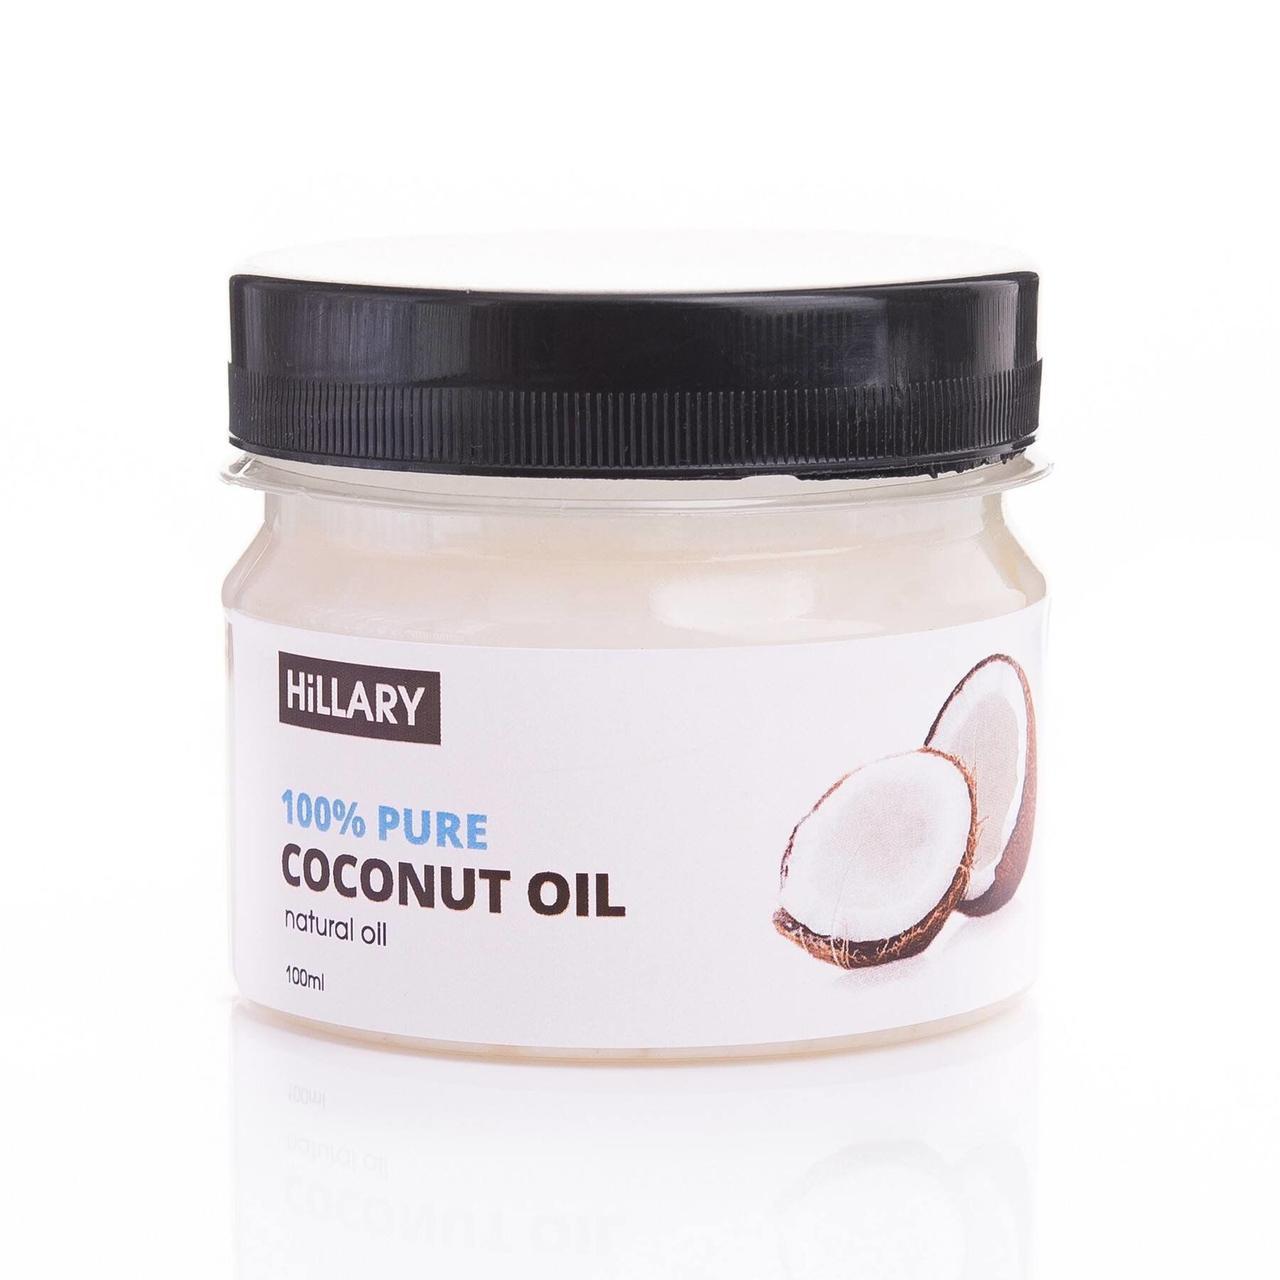 Кокосова Рафінована олія Hillary 100% Pure Coconut Oil, 100 мл